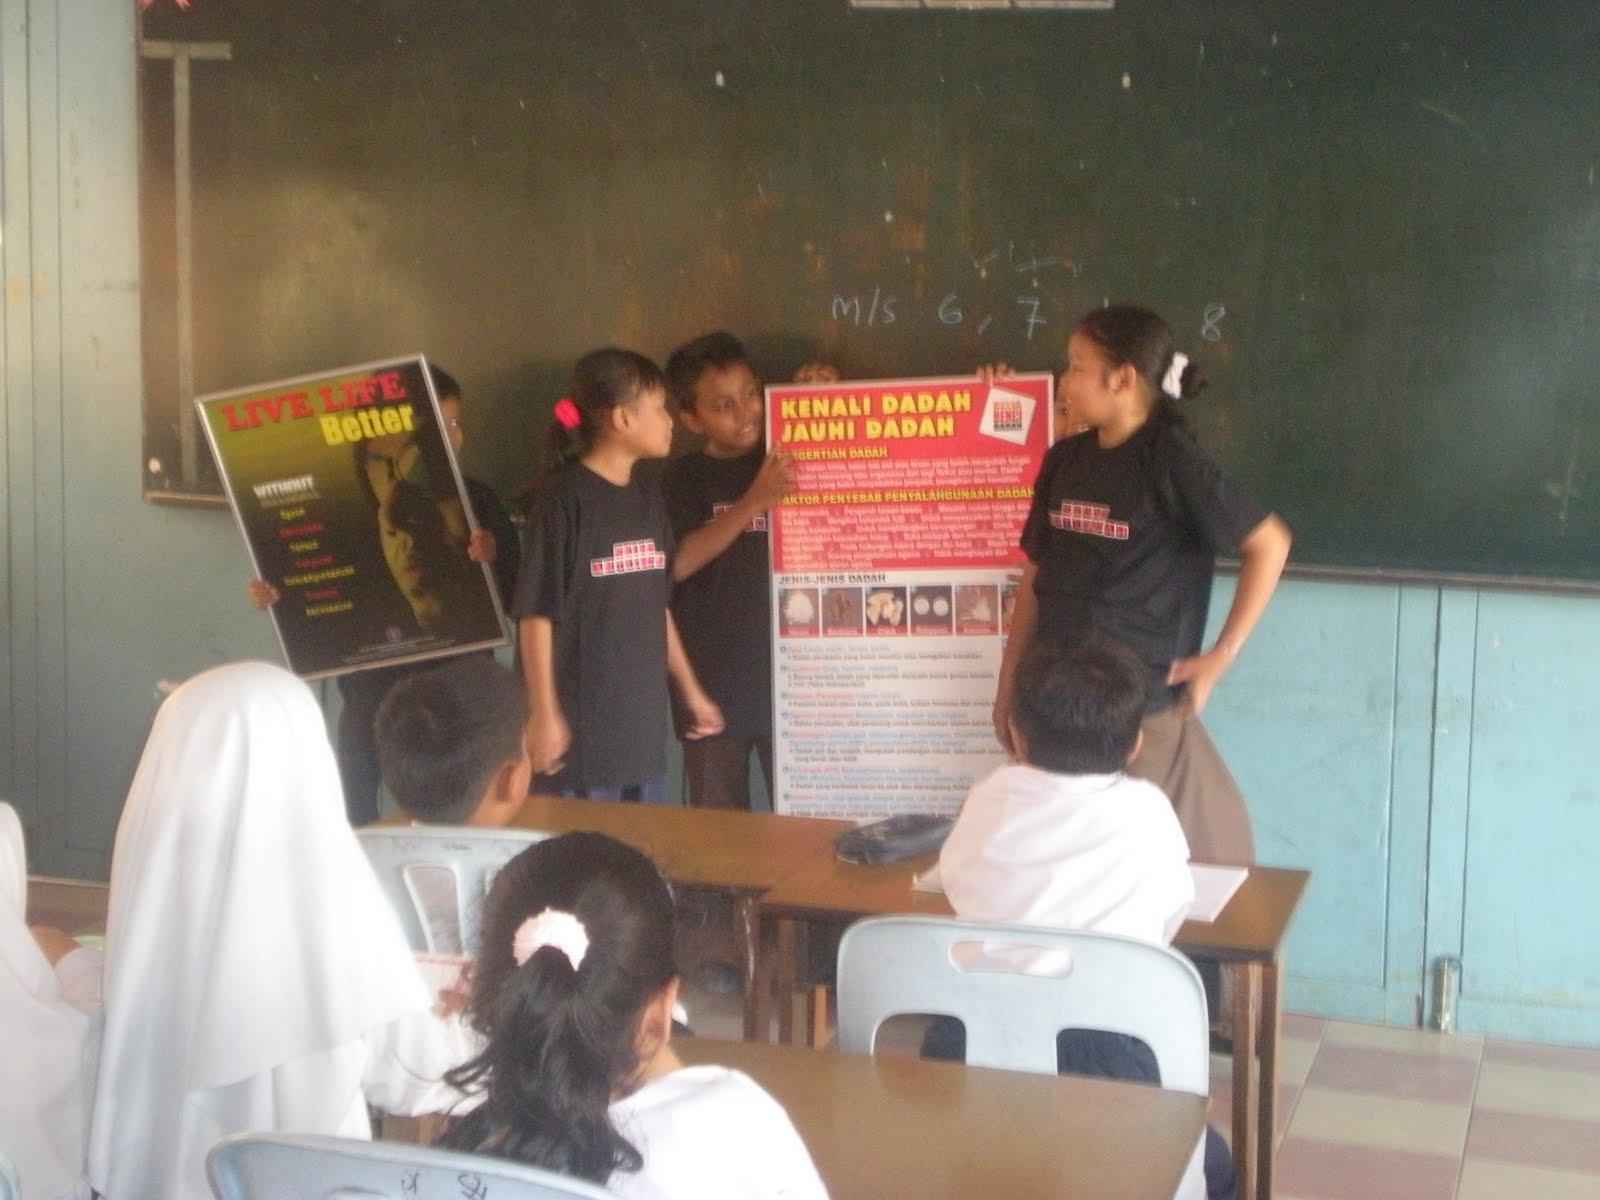 Ppda Sk Ampang Campuran 5 Minit Informasi Bersama Skuad Antidadah Skac